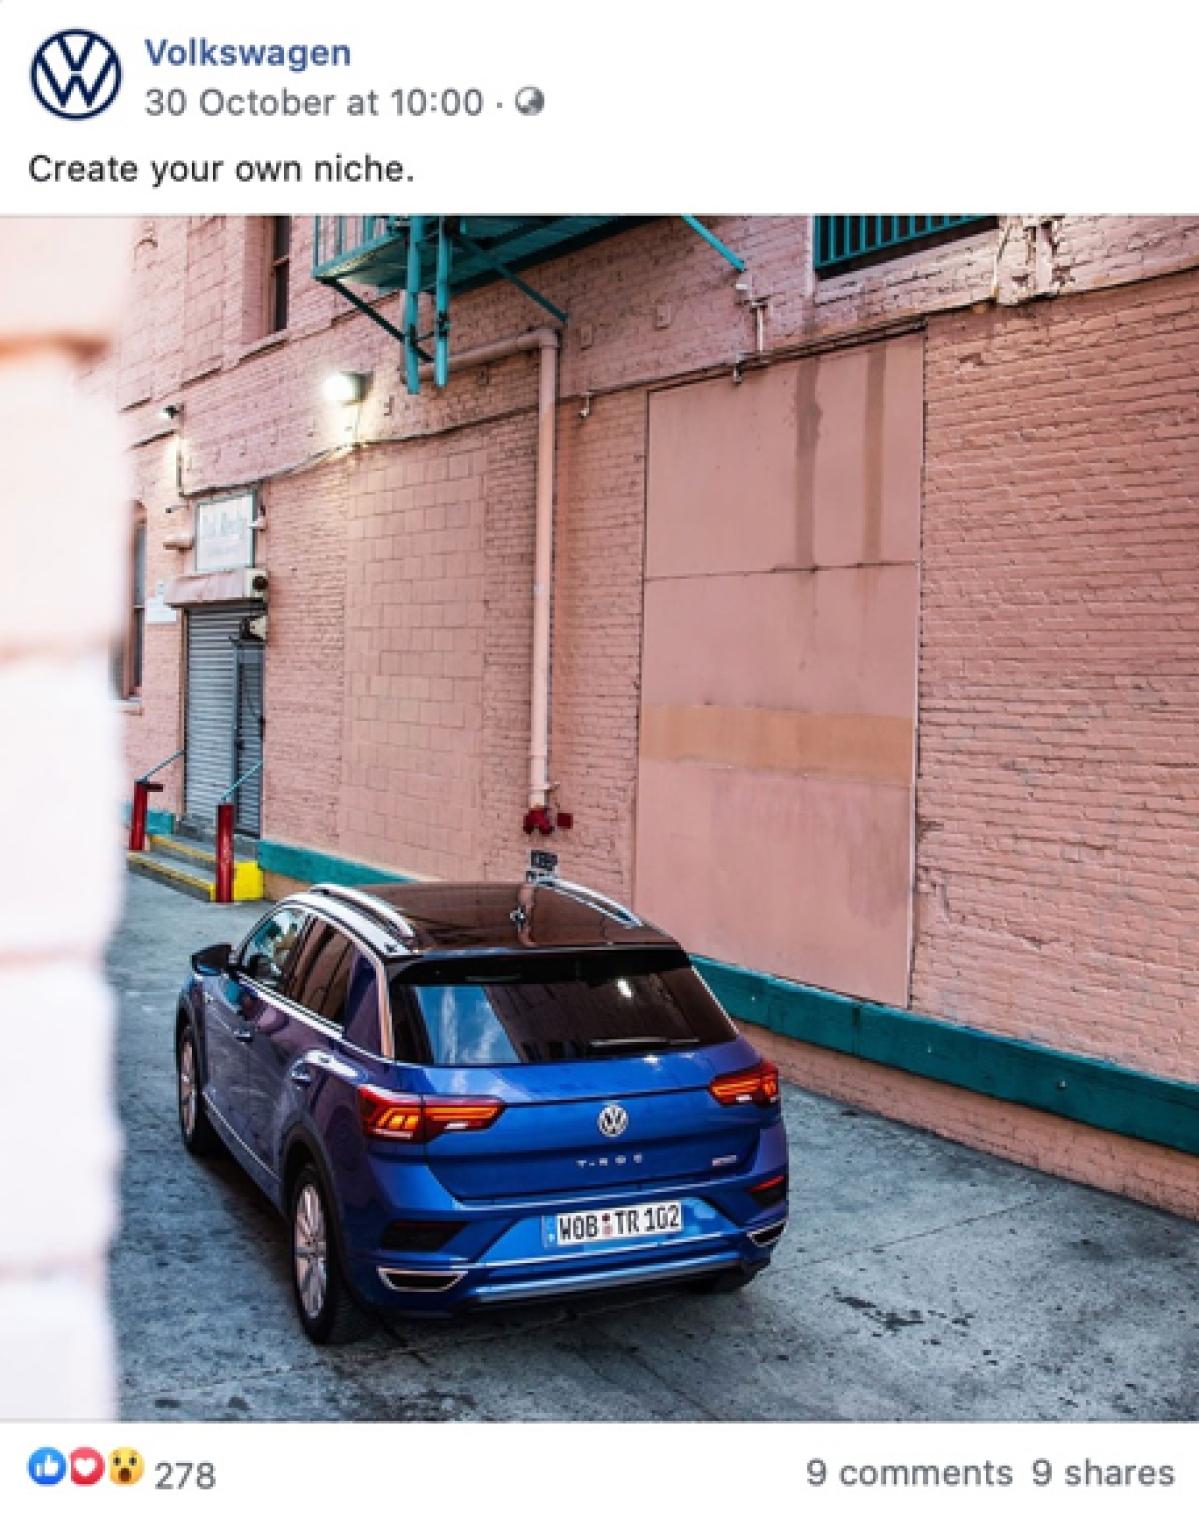 A social media post from Volkswagen in 2019